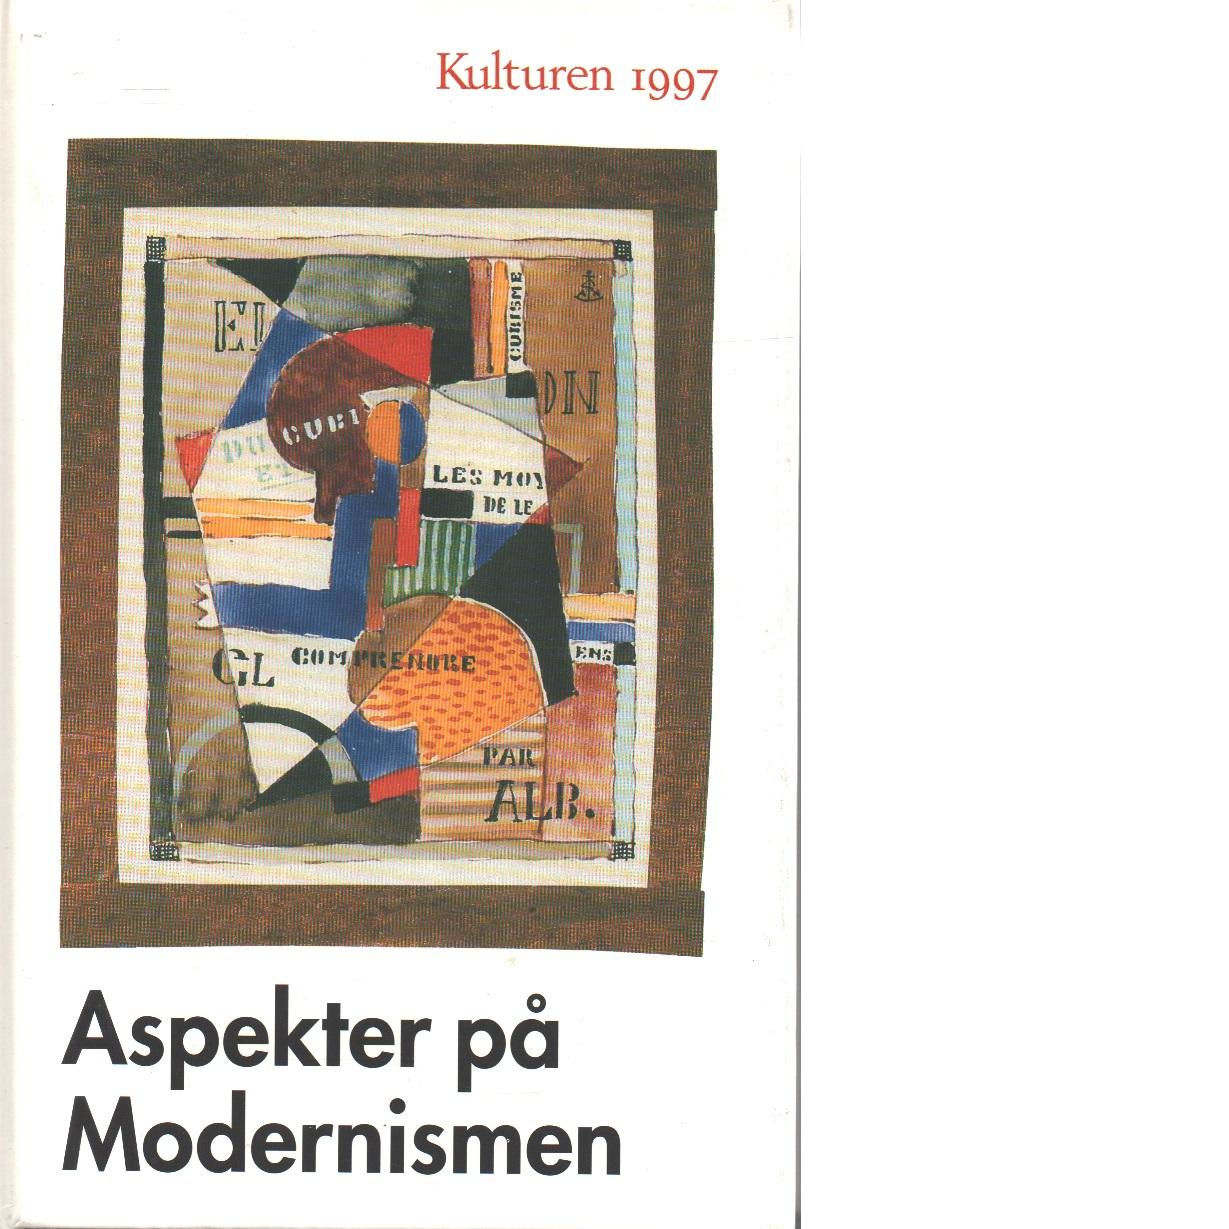 Kulturen 1997 - Red